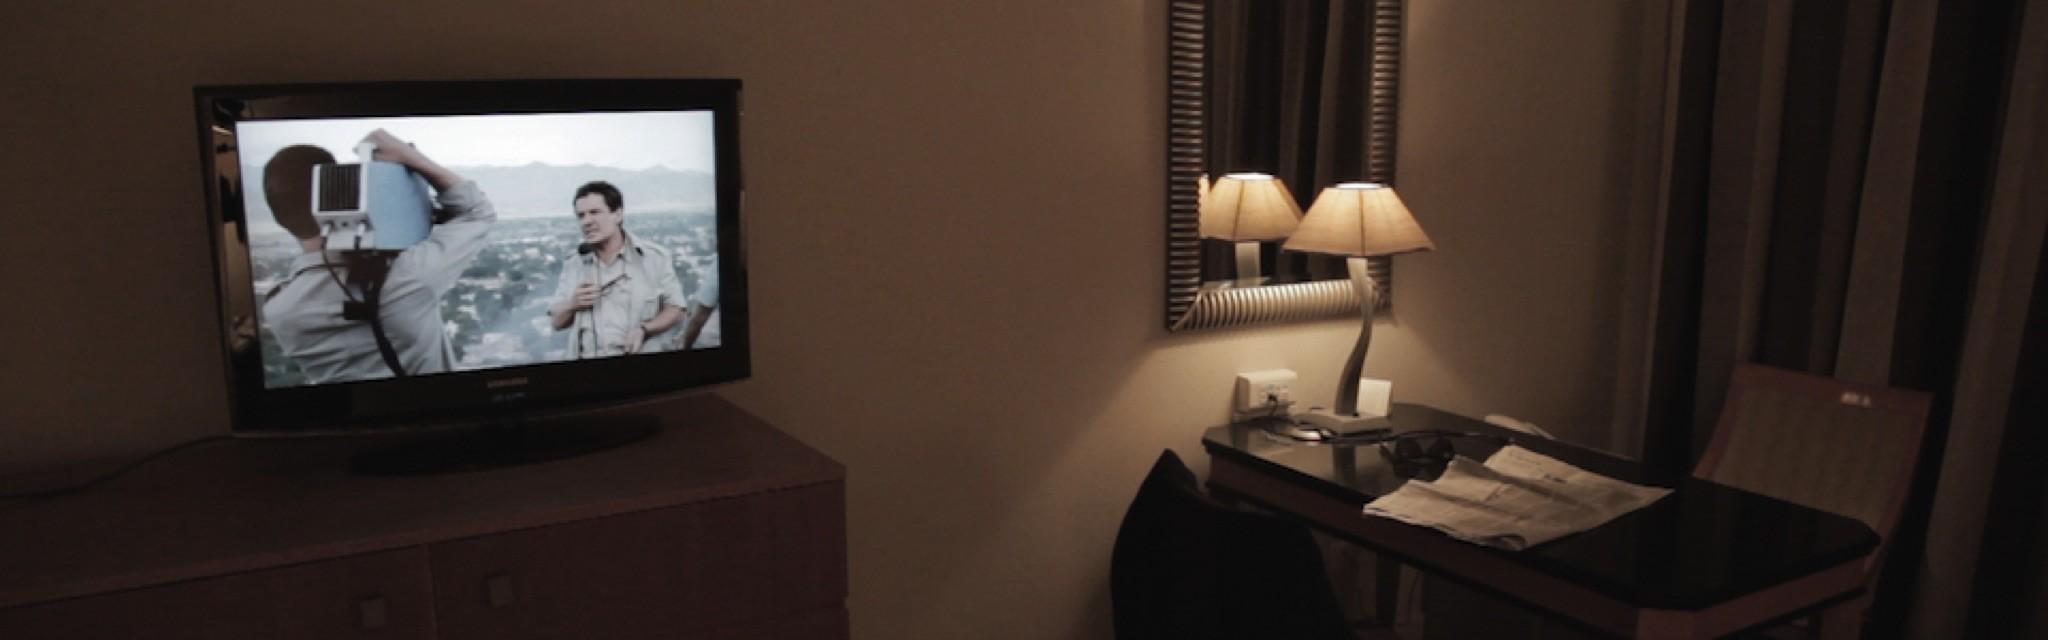 hotel machine-image2